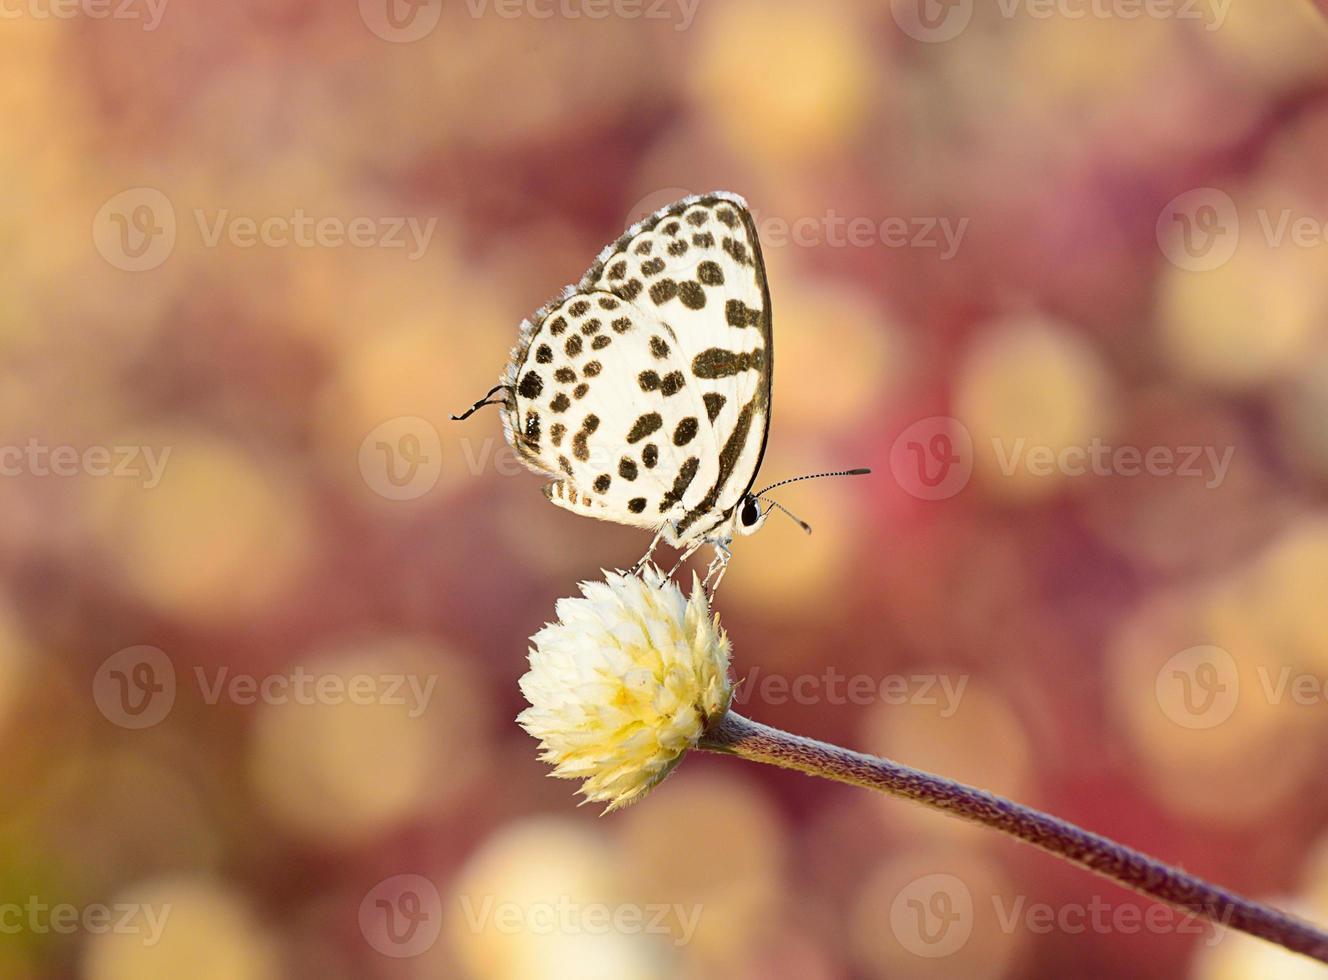 borboleta marrom branca, pendurado na flor com bokeh de fundo foto